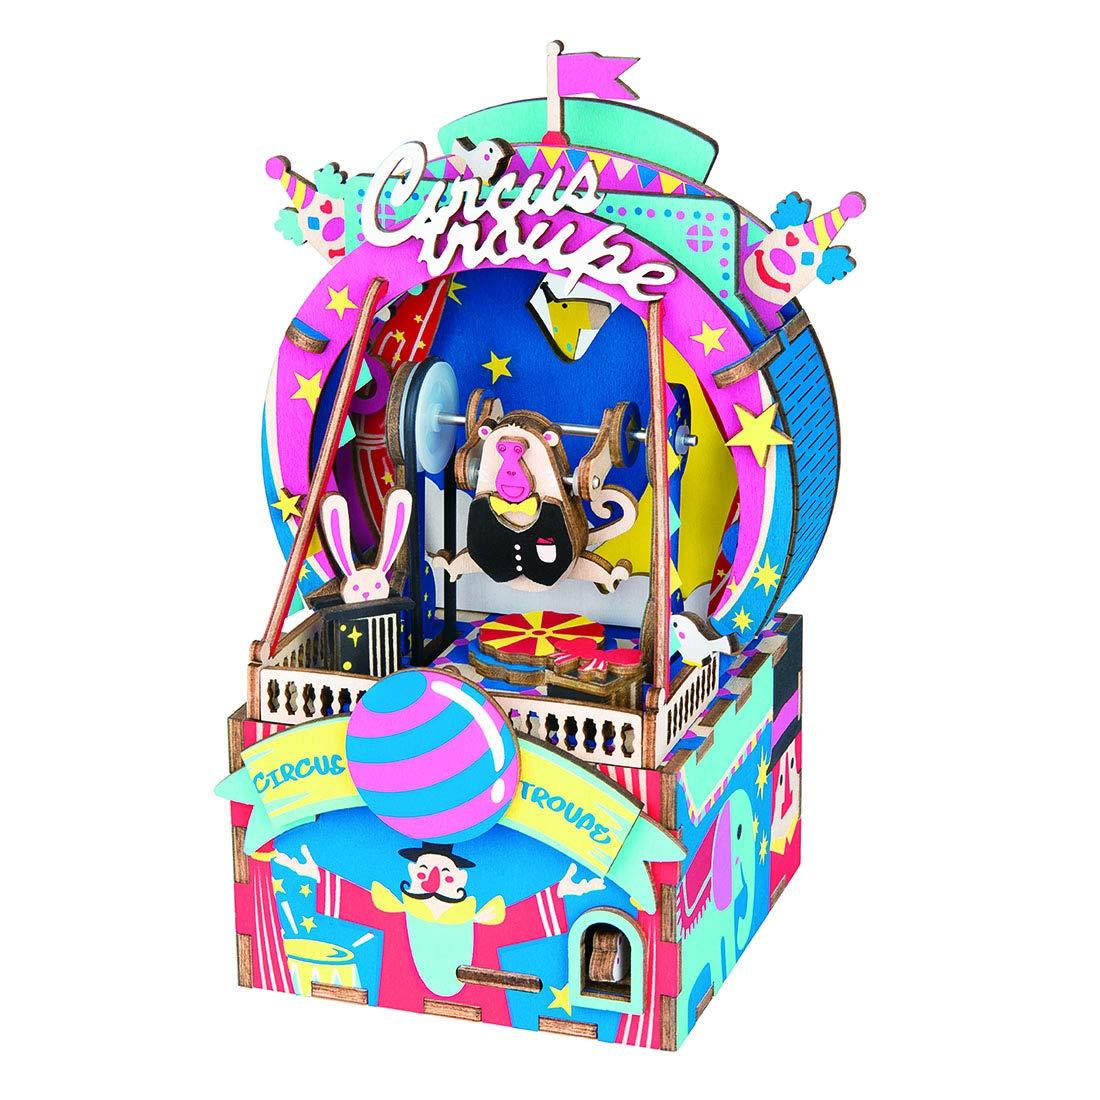 『5年保証』 WOLFBUSH 3D木製組み立てパズルキット DIY木製オルゴール Carnival 96ピース As 木製ジグソーパズル アイスクリーム カーキット モデル As 子供 女の子 女性用 As shown 17N3O616071YZYB As shown Carnival Party B07J2HTZMZ, アム(ジュエリー好きが集まる店):8b5e63a4 --- a0267596.xsph.ru